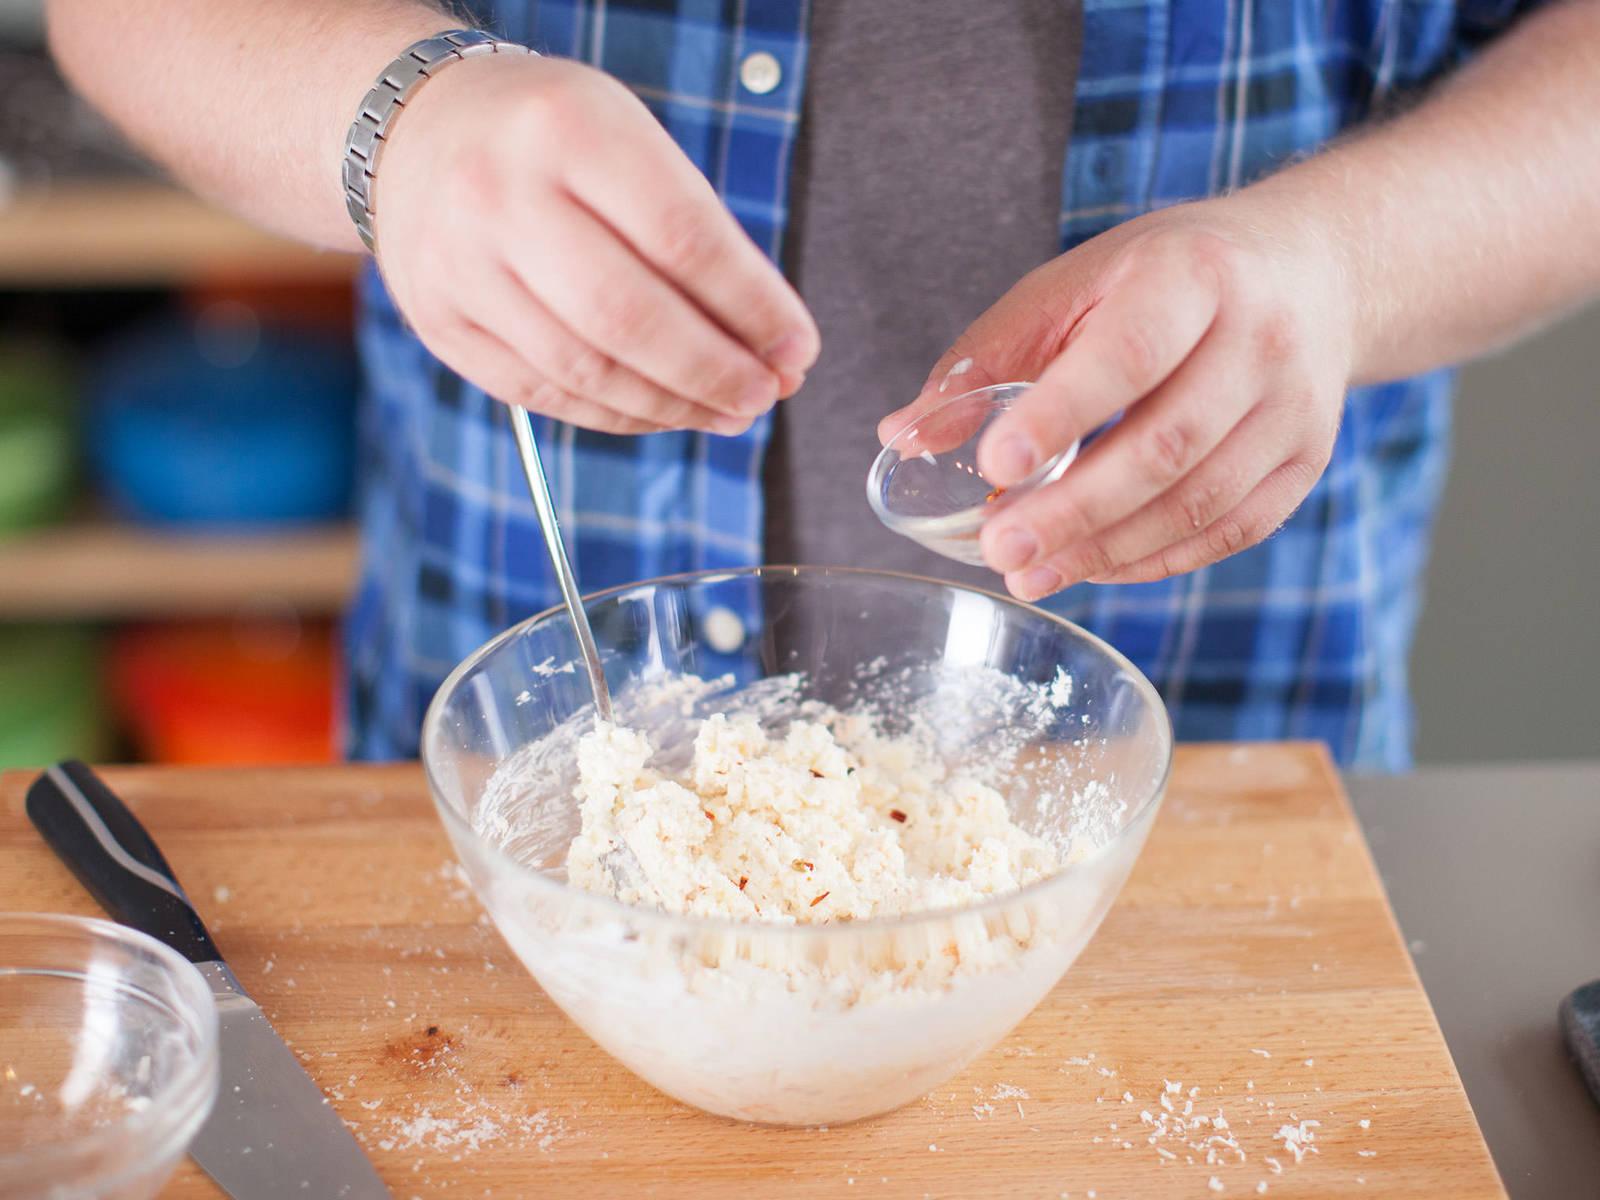 Inzwischen Mozzarella in kleine Würfel schneiden. Gruyère und Parmesan reiben. Käse mit saurer Sahne und Salz vermengen. Mit Pfeffer, geräuchertem Paprikapulver und Muskat abschmecken. Beiseitestellen.